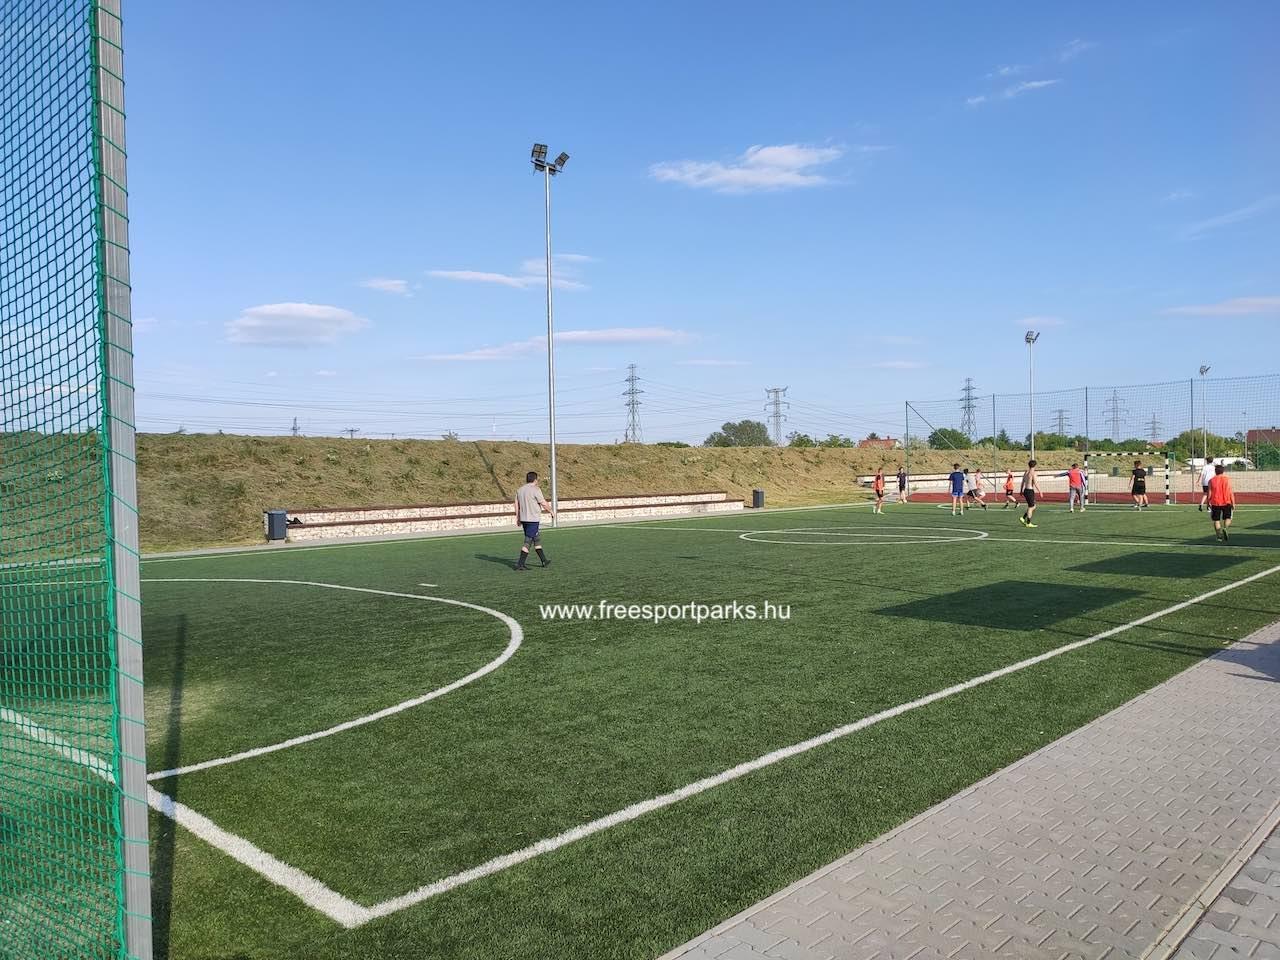 focipálya - Érd szabadidőpark - Free Sport Parks térkép